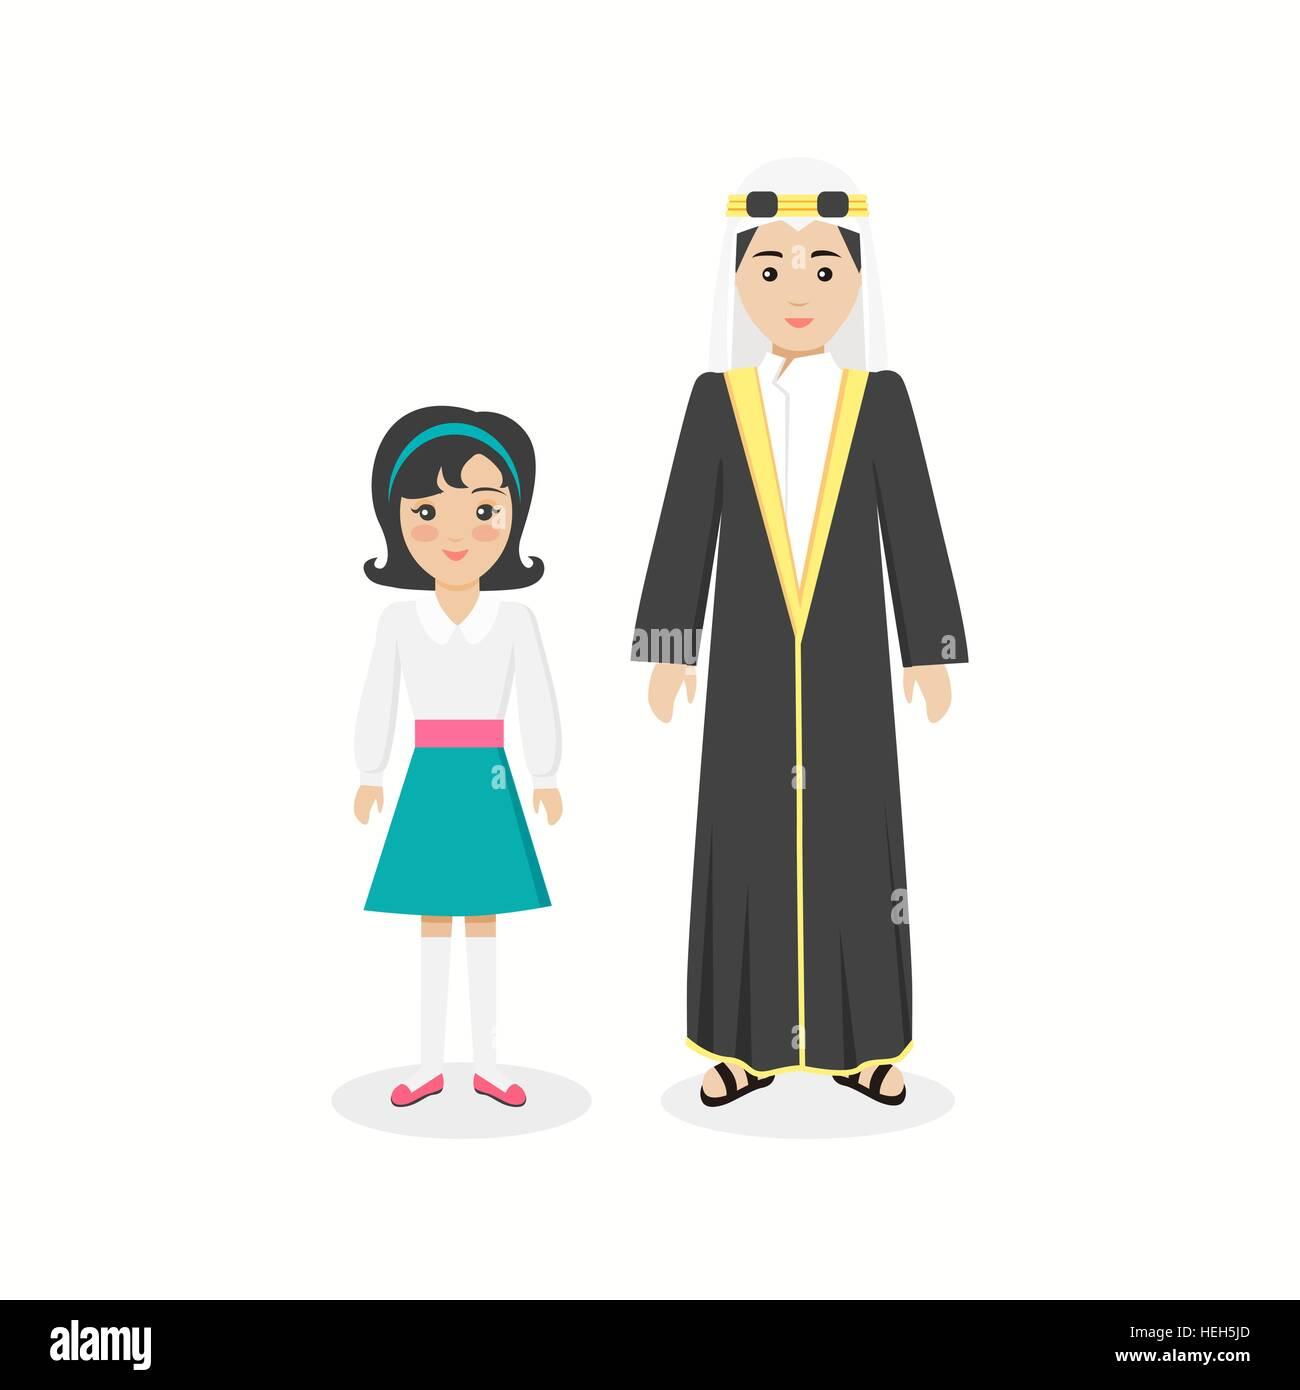 167d0fc32 Arabian ropa tradicional pueblo. Familia tradicional árabe musulmán ...